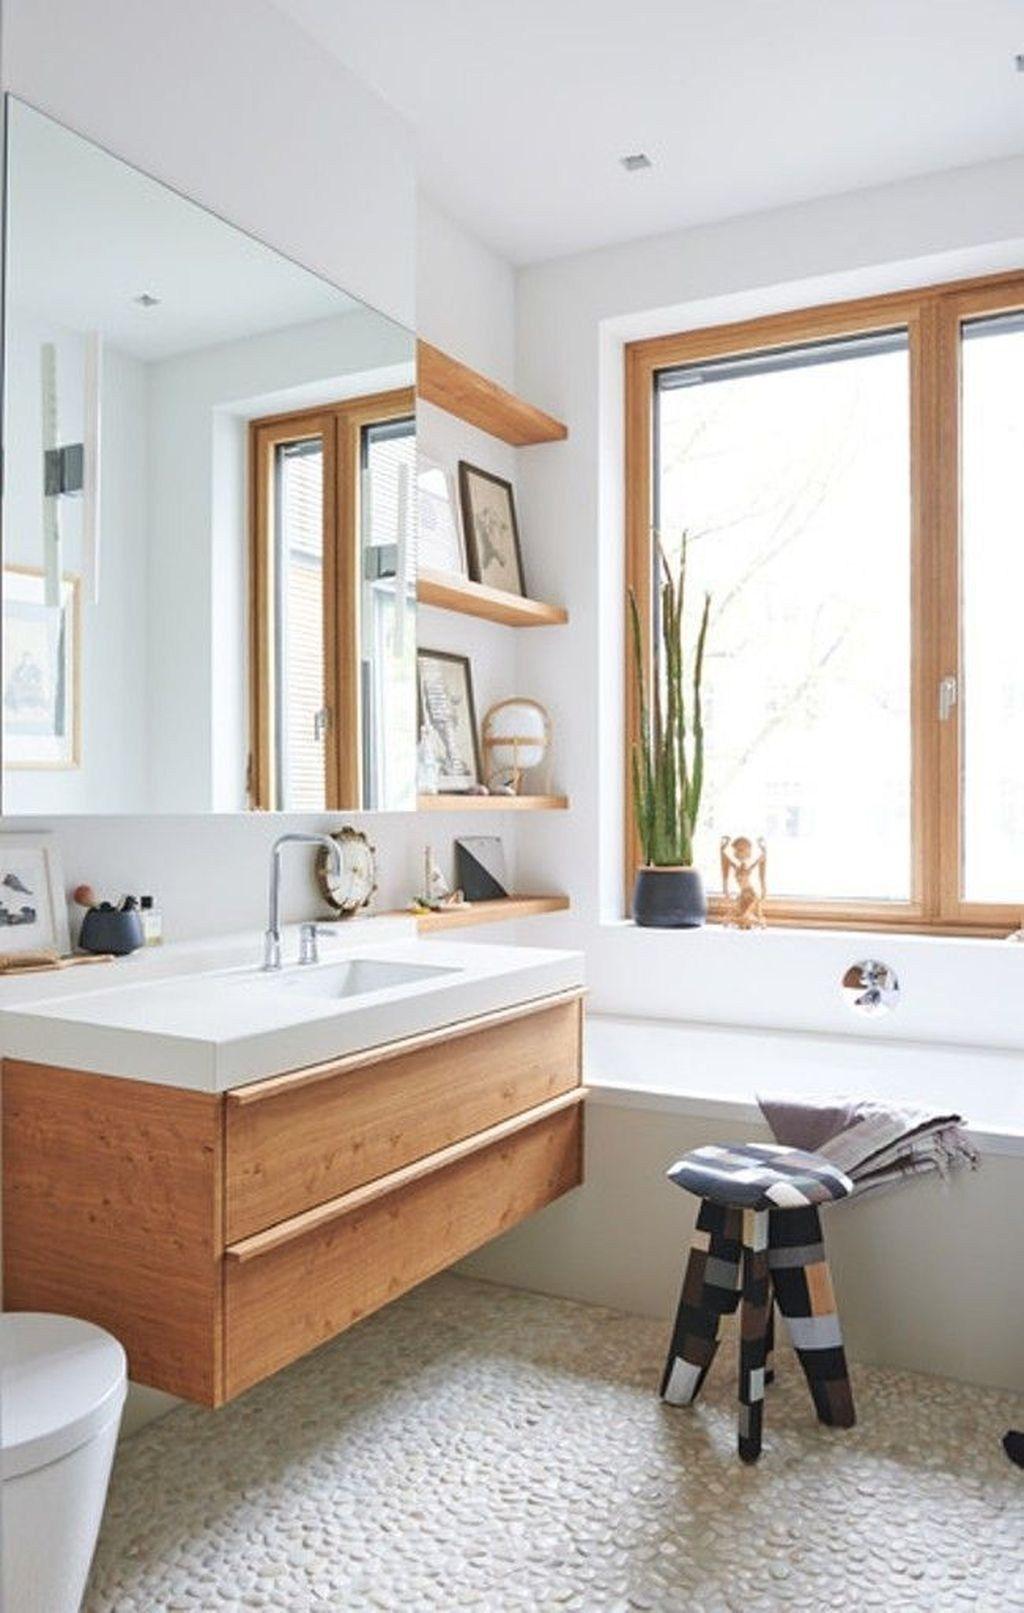 44 Unusual Scandinavian Bathroom Everyone Should Try Decoomo Com Scandinavian Bathroom Modern Small Bathrooms Bathroom Design Small